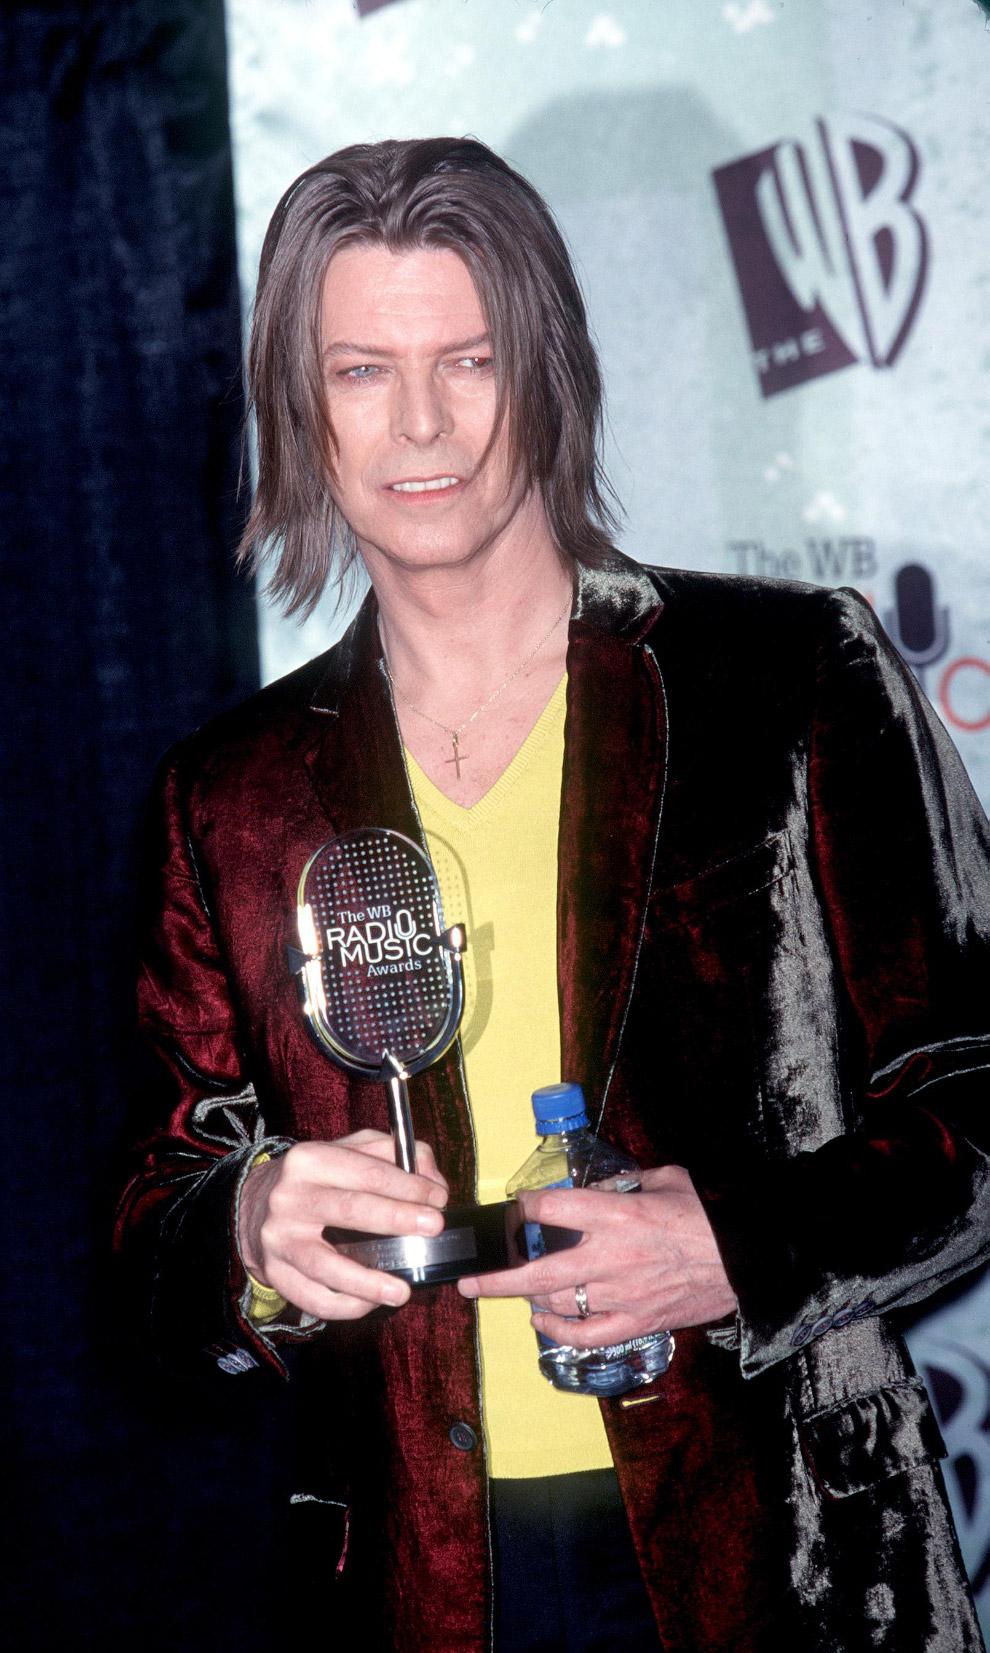 Музыкант получил награду от The WB Radio Music Awards в Лас-Вегасе